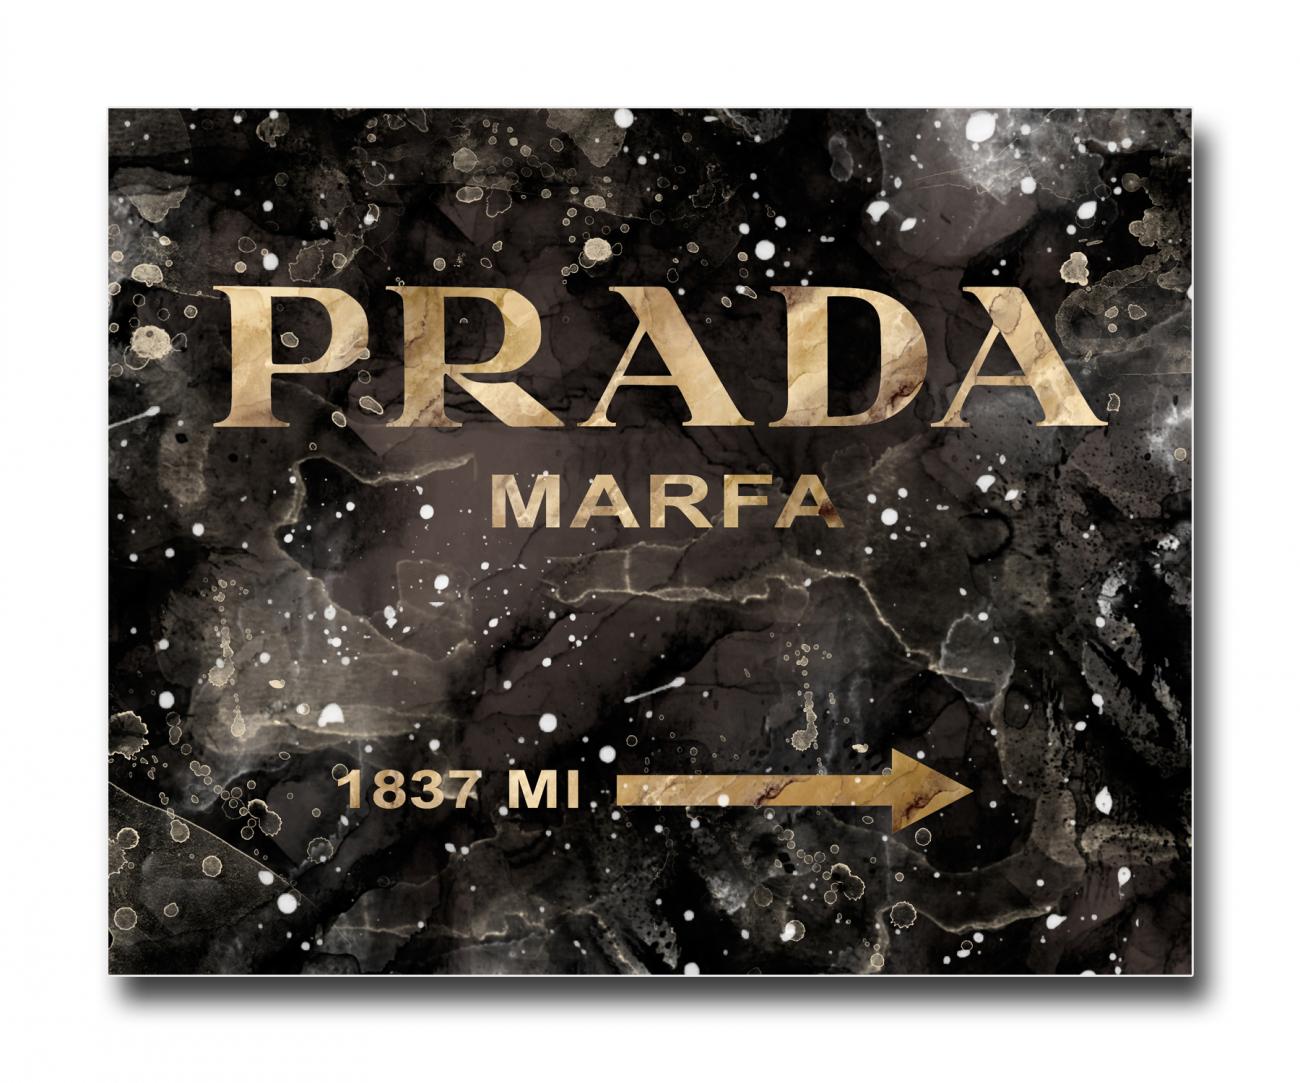 Купить Постер Prada Mafia на чёрном в золотом A3 в интернет магазине дизайнерской мебели и аксессуаров для дома и дачи